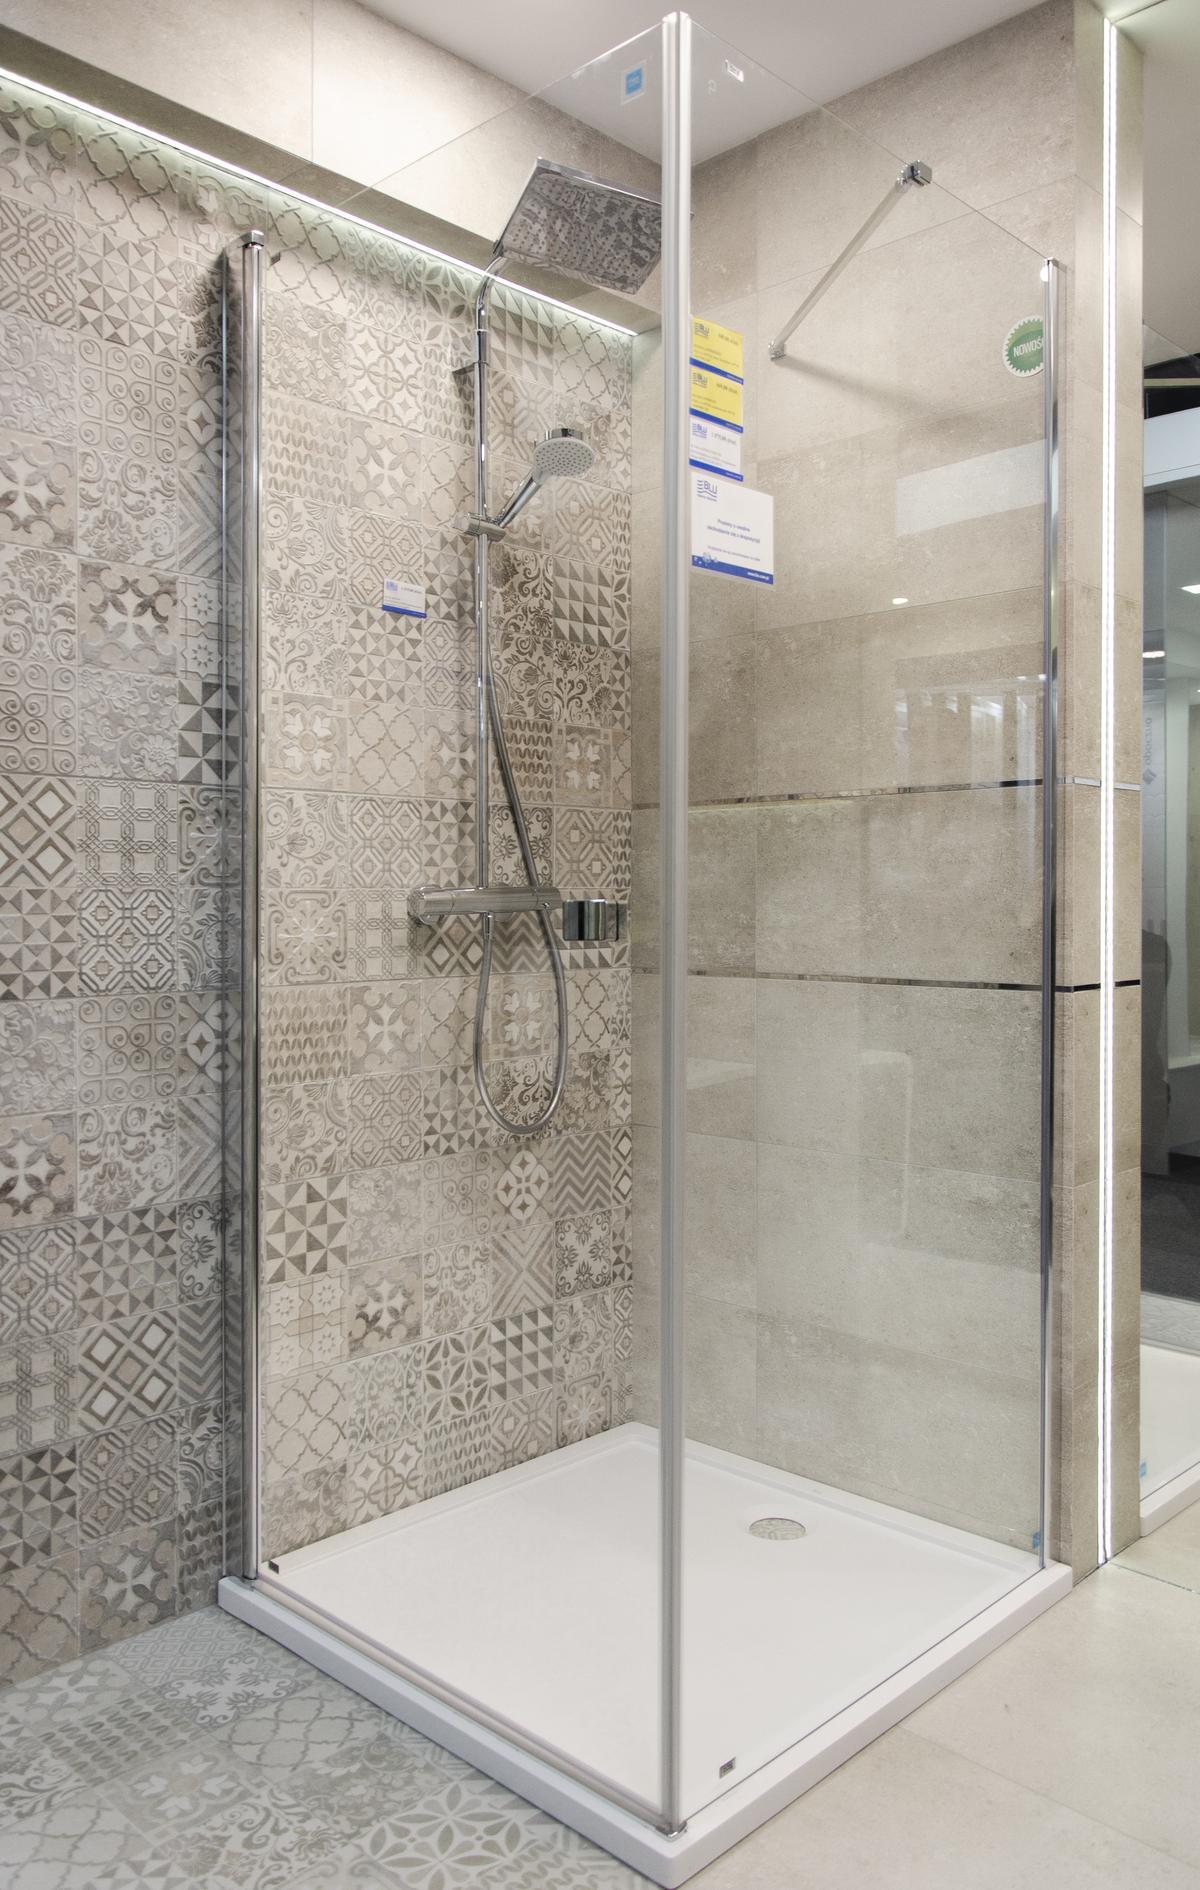 Kabina prysznicowa z deszczownicą w połączeniu z płytka patchworkową - zdjęcie od BLU salon łazienek Białystok